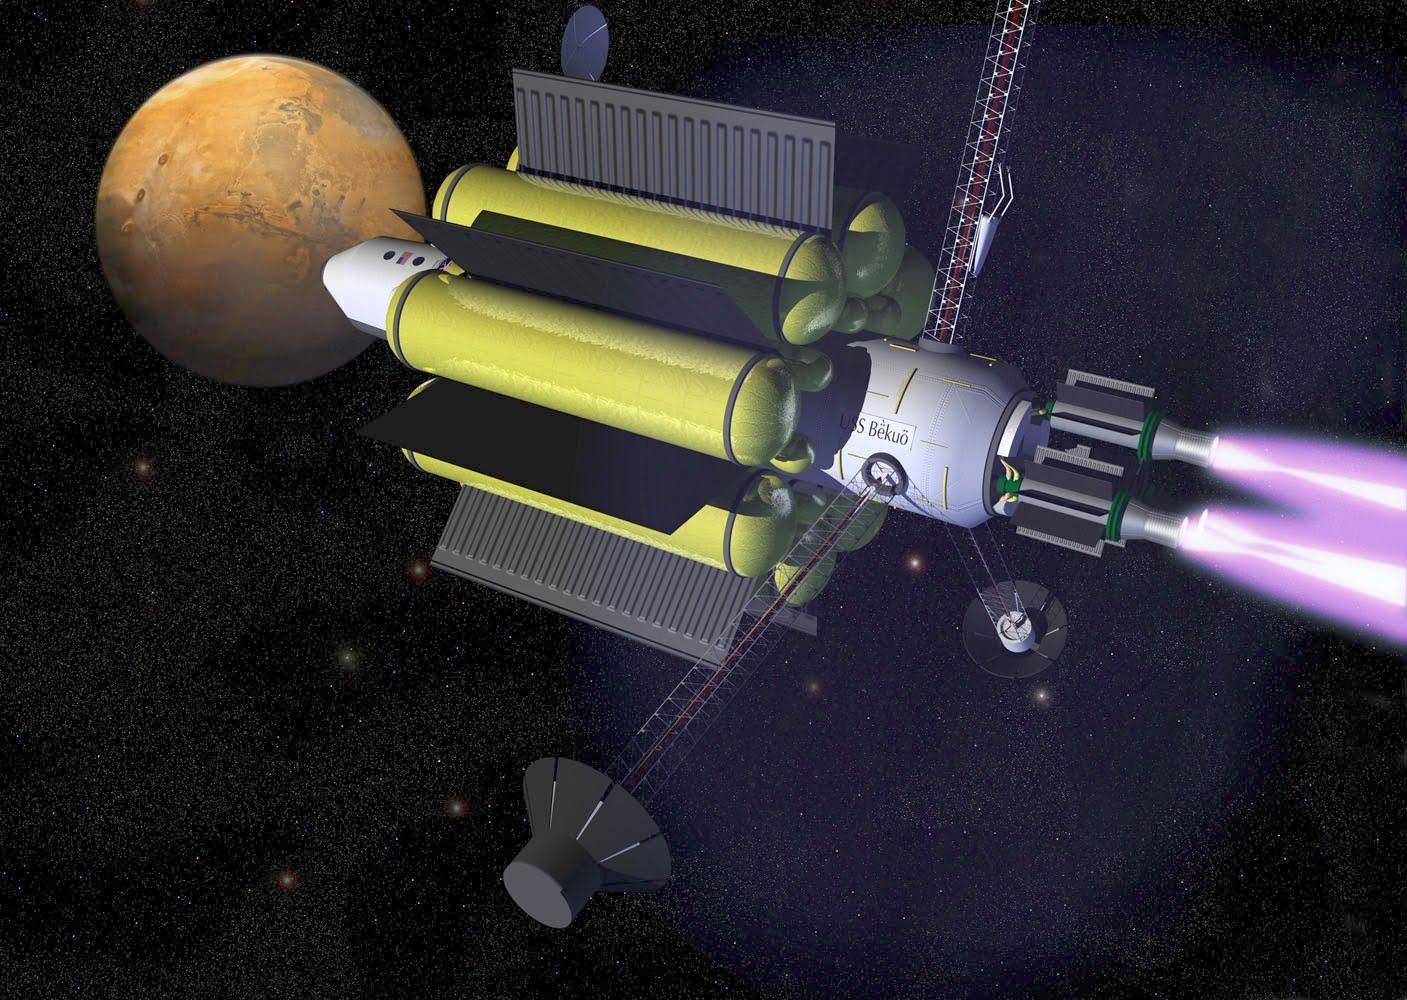 Au temps du possible : les enjeux éthiques & industrie nucléaire dans l'espace |Space'ibles 2021